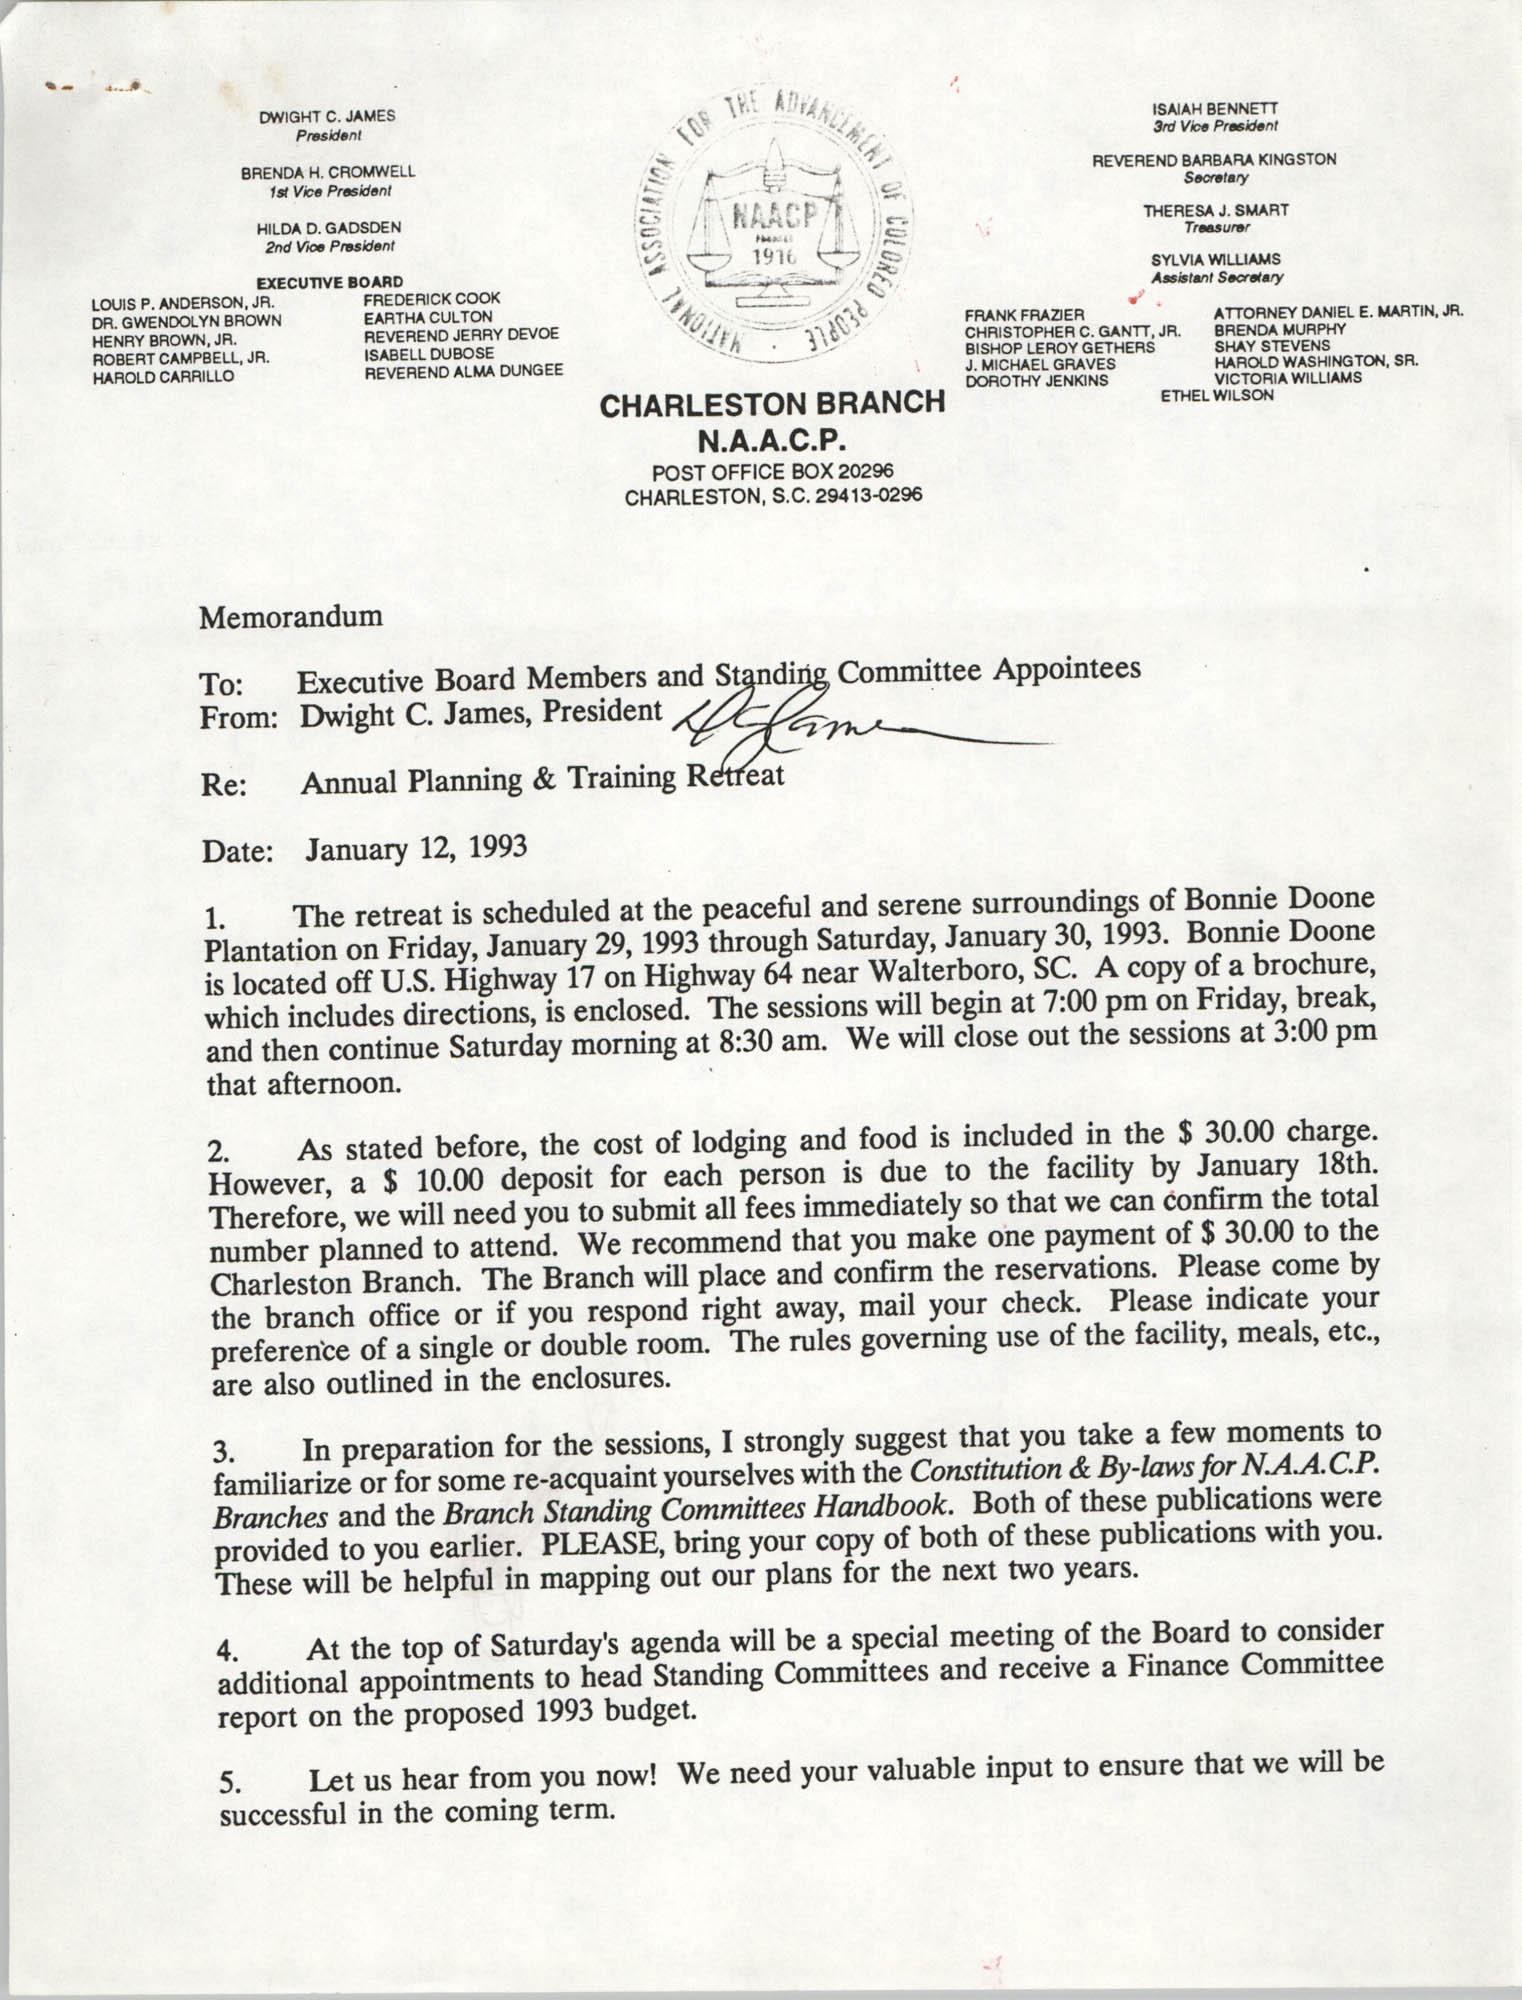 Charleston Branch of the NAACP Memorandum, January 12, 1993